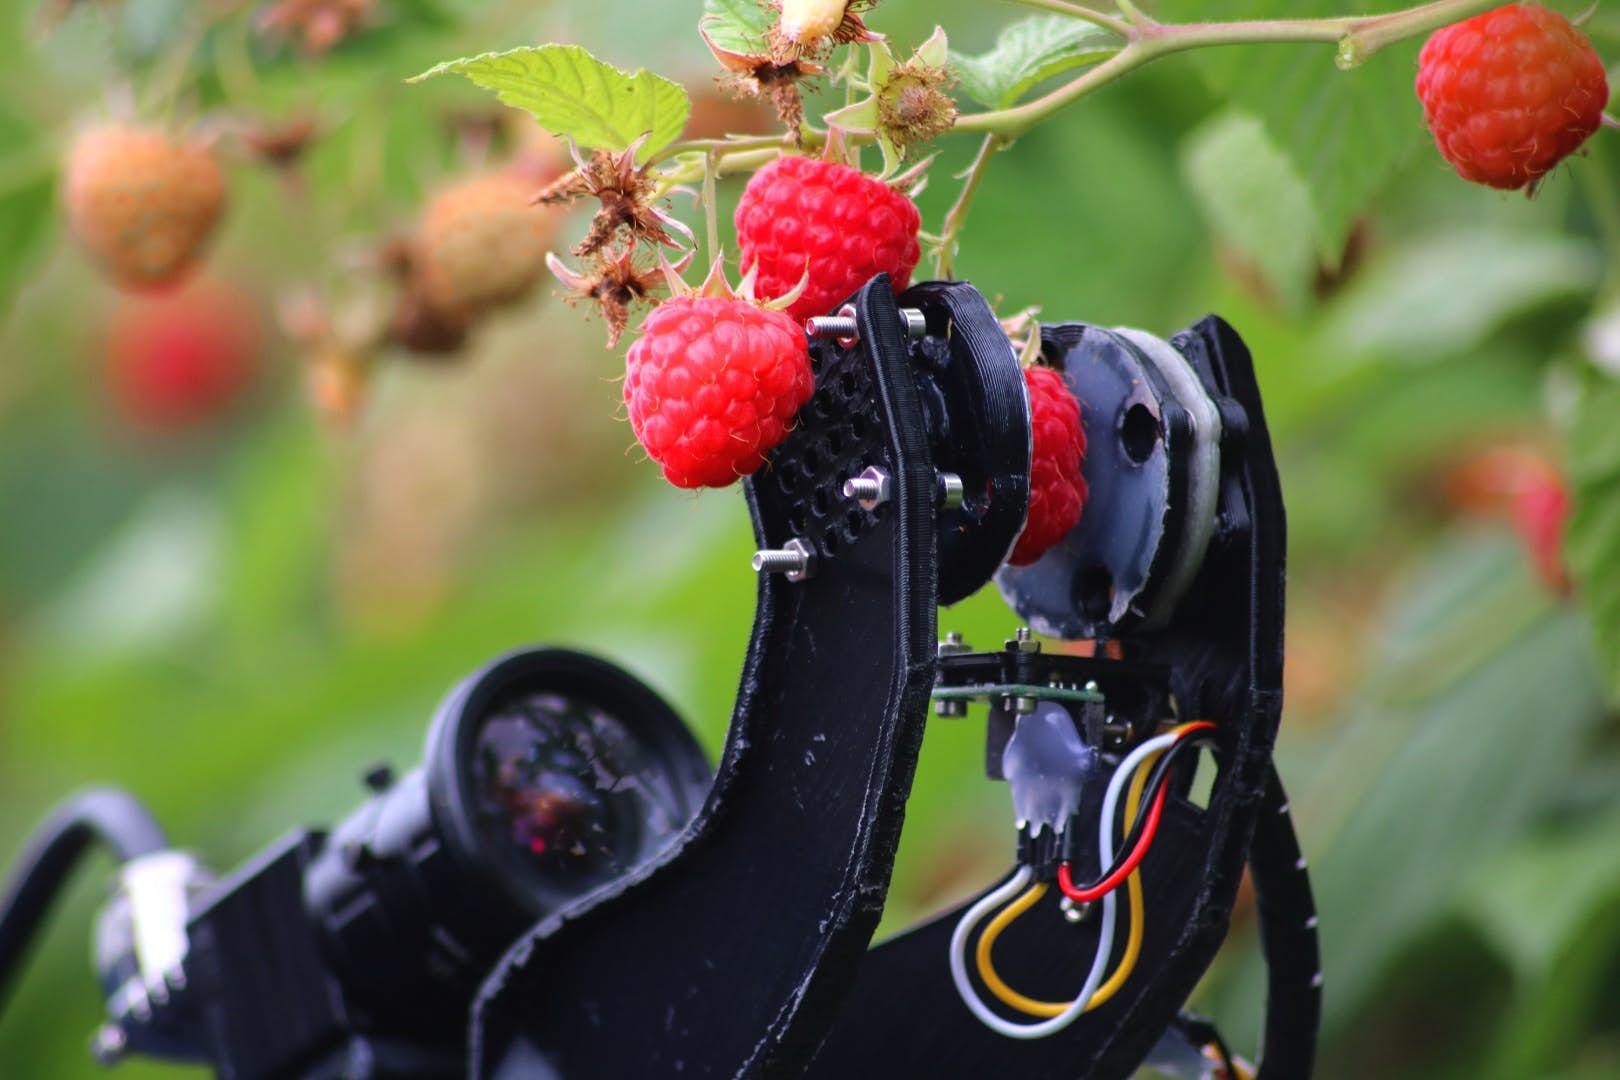 [와우! 과학] 라즈베리도 부드럽게 딴다…과일 수확 로봇 개발